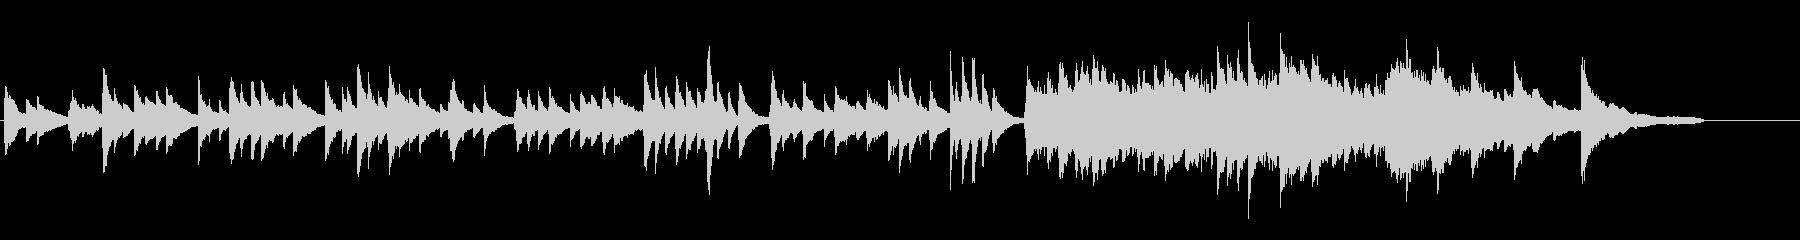 涼しく静けさ切なさもあるピアノソロハーフの未再生の波形